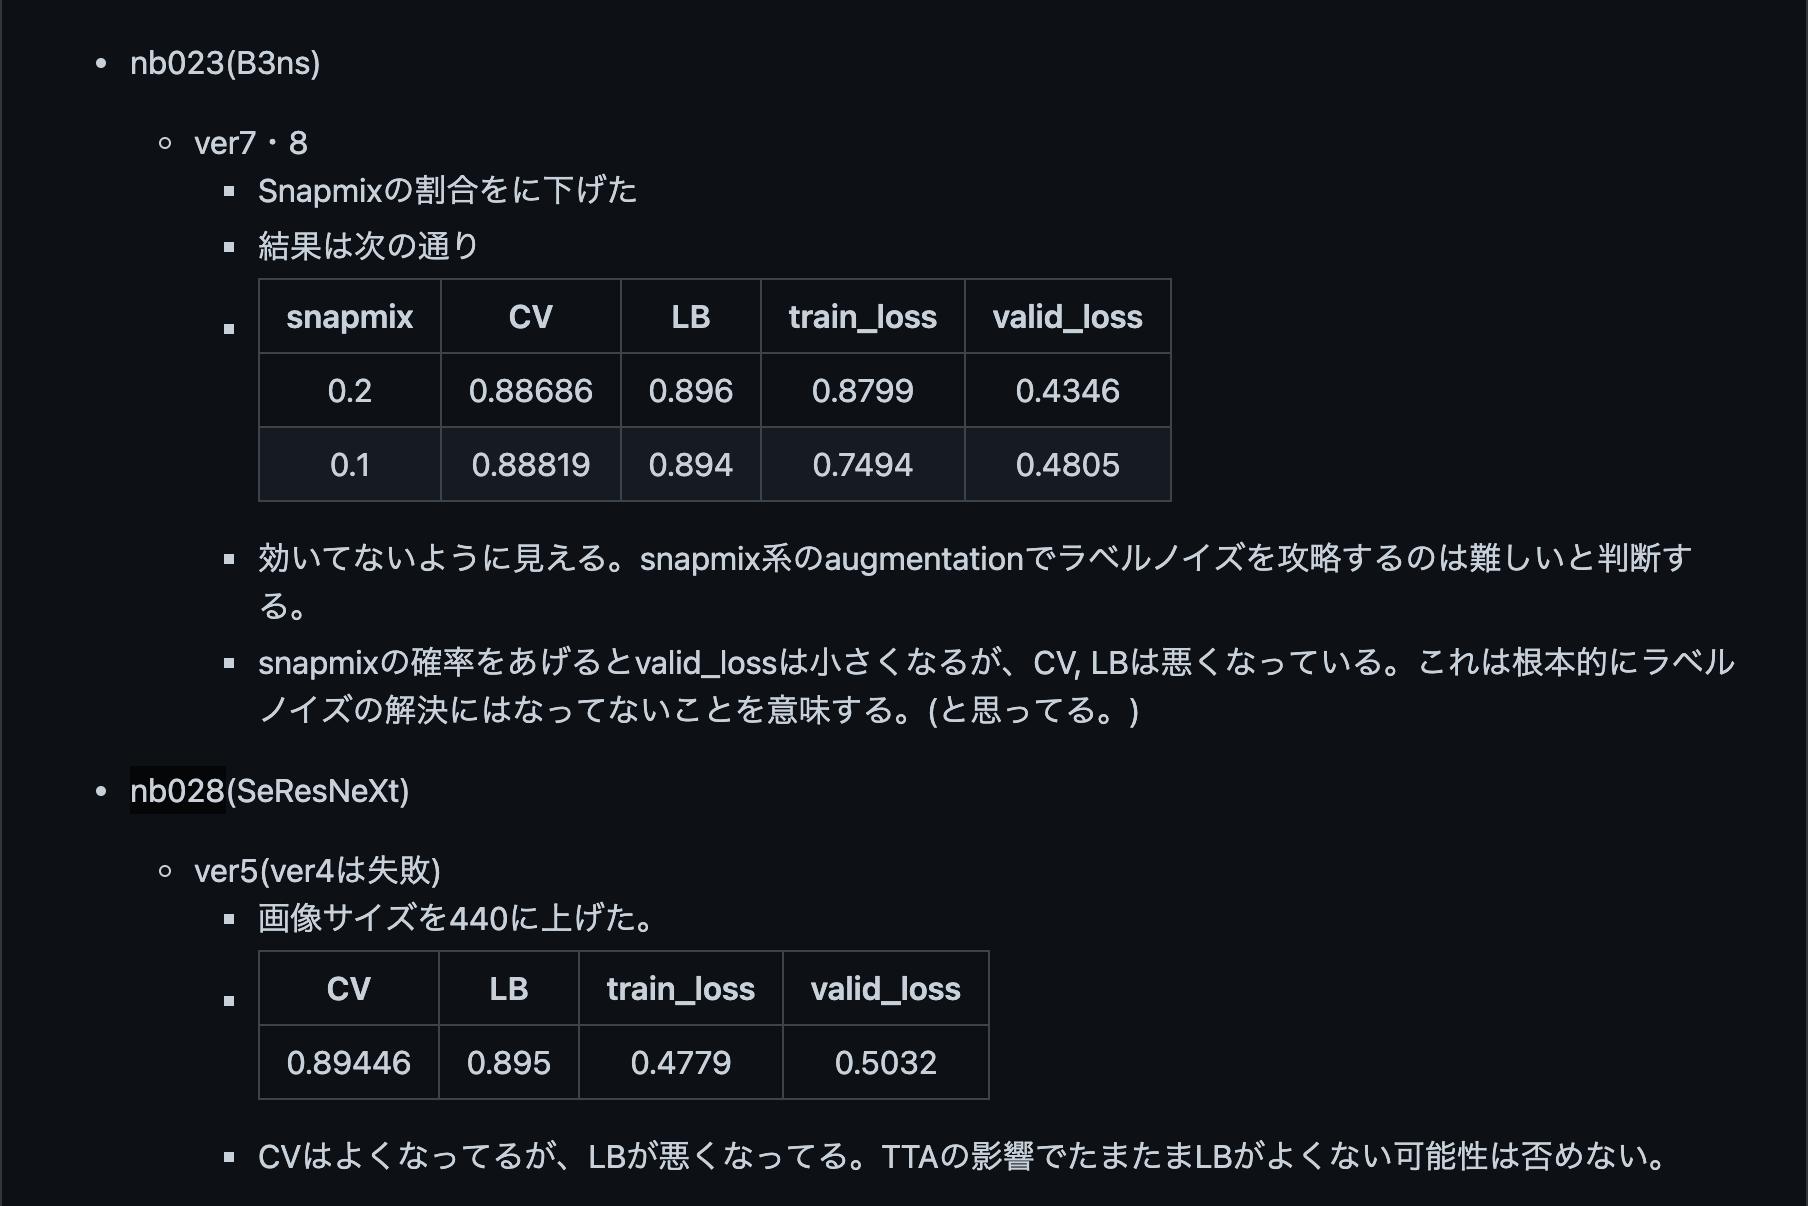 スクリーンショット 2021-02-22 10.20.58.png